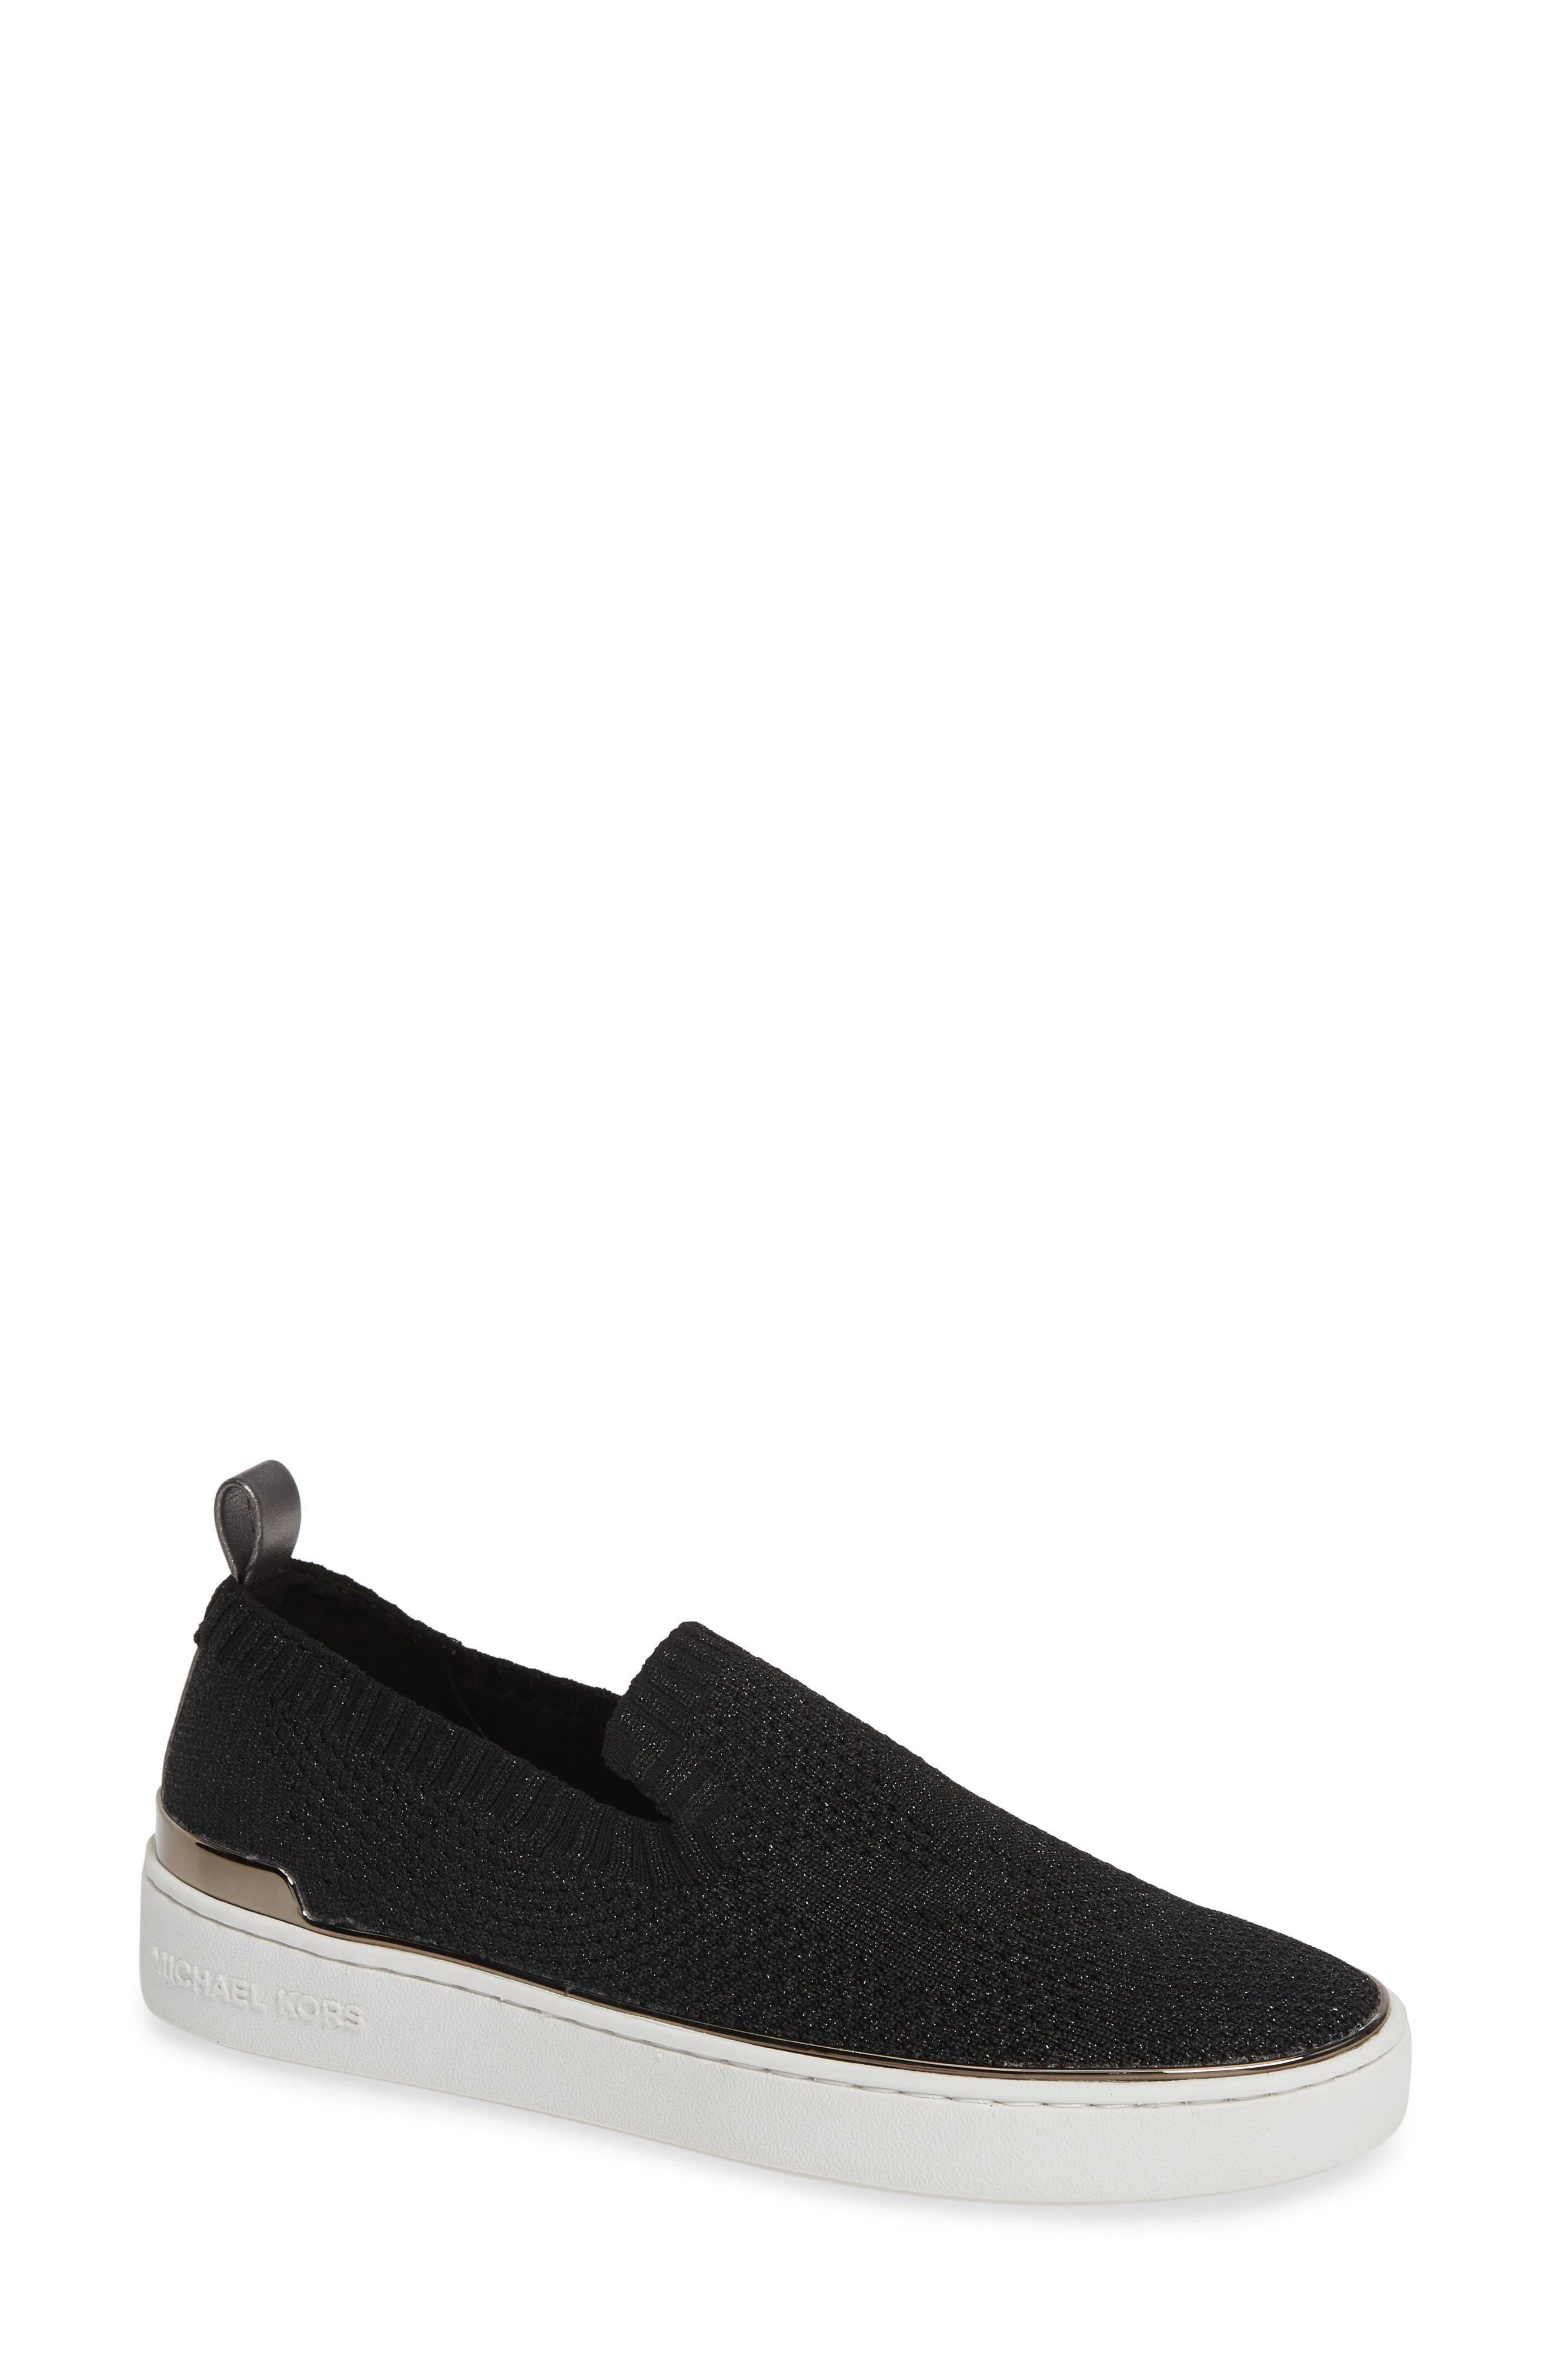 MICHAEL MICHAEL KORS,                             Skyler Sneaker,                             Main thumbnail 1, color,                             GUNMETAL FABRIC